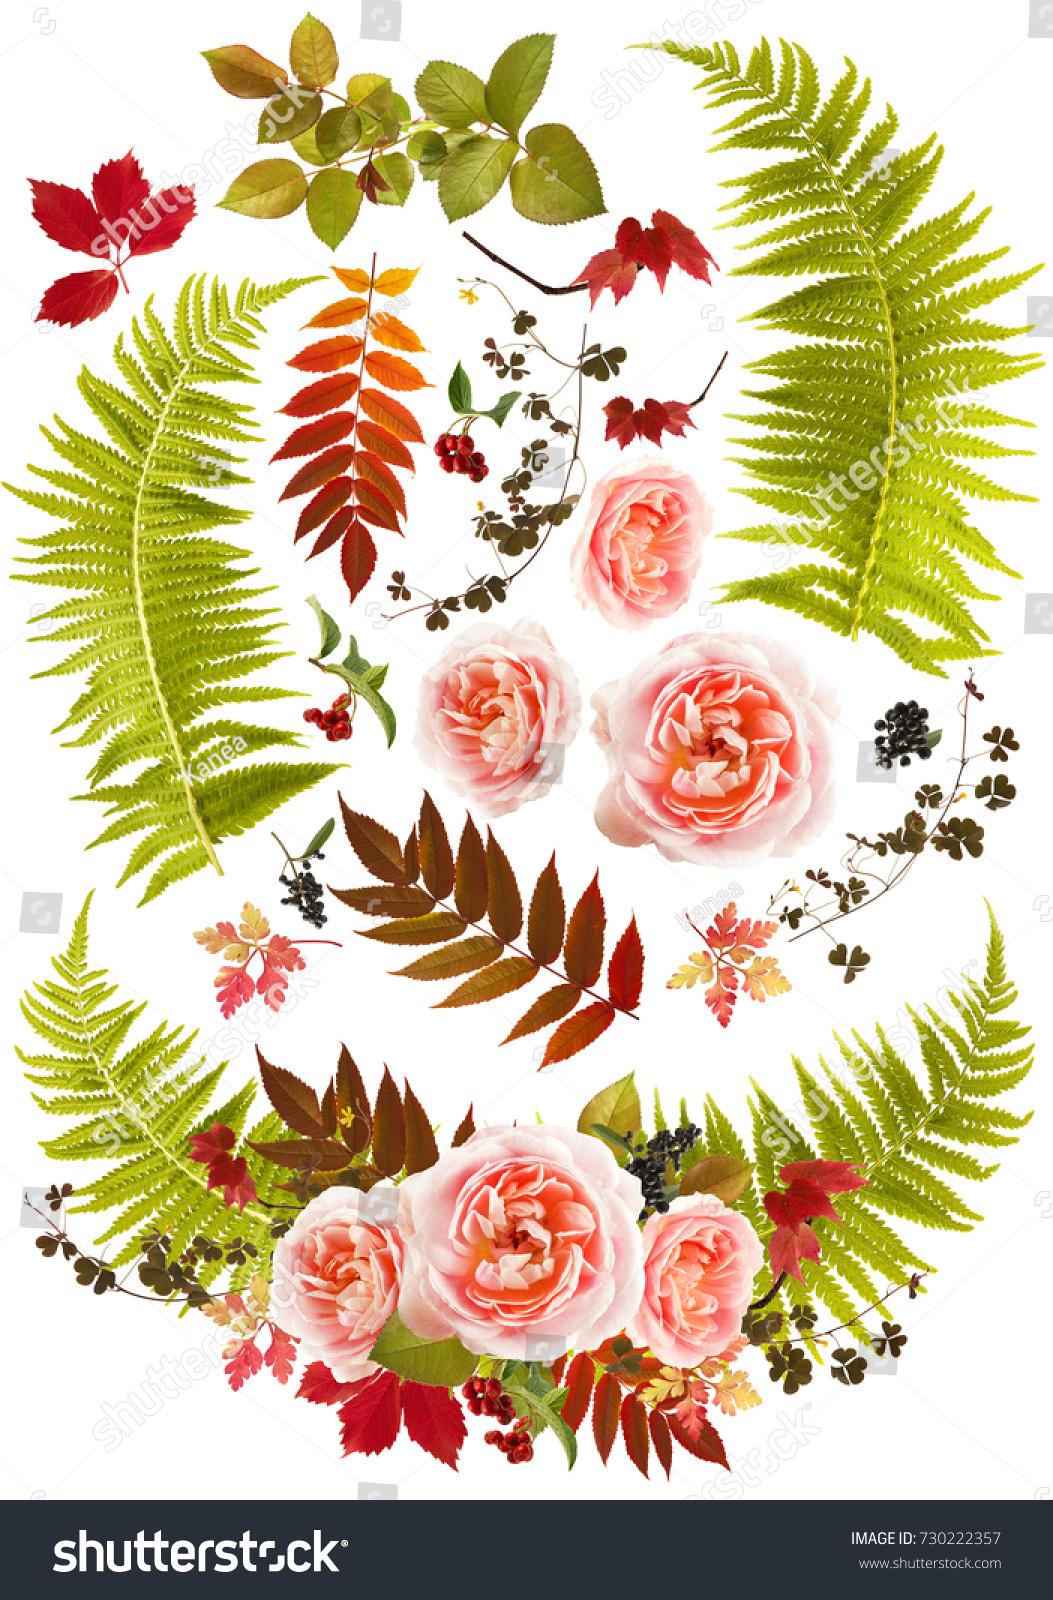 Rose Flower Bouquet Clip Art Single Stock Photo Edit Now 730222357